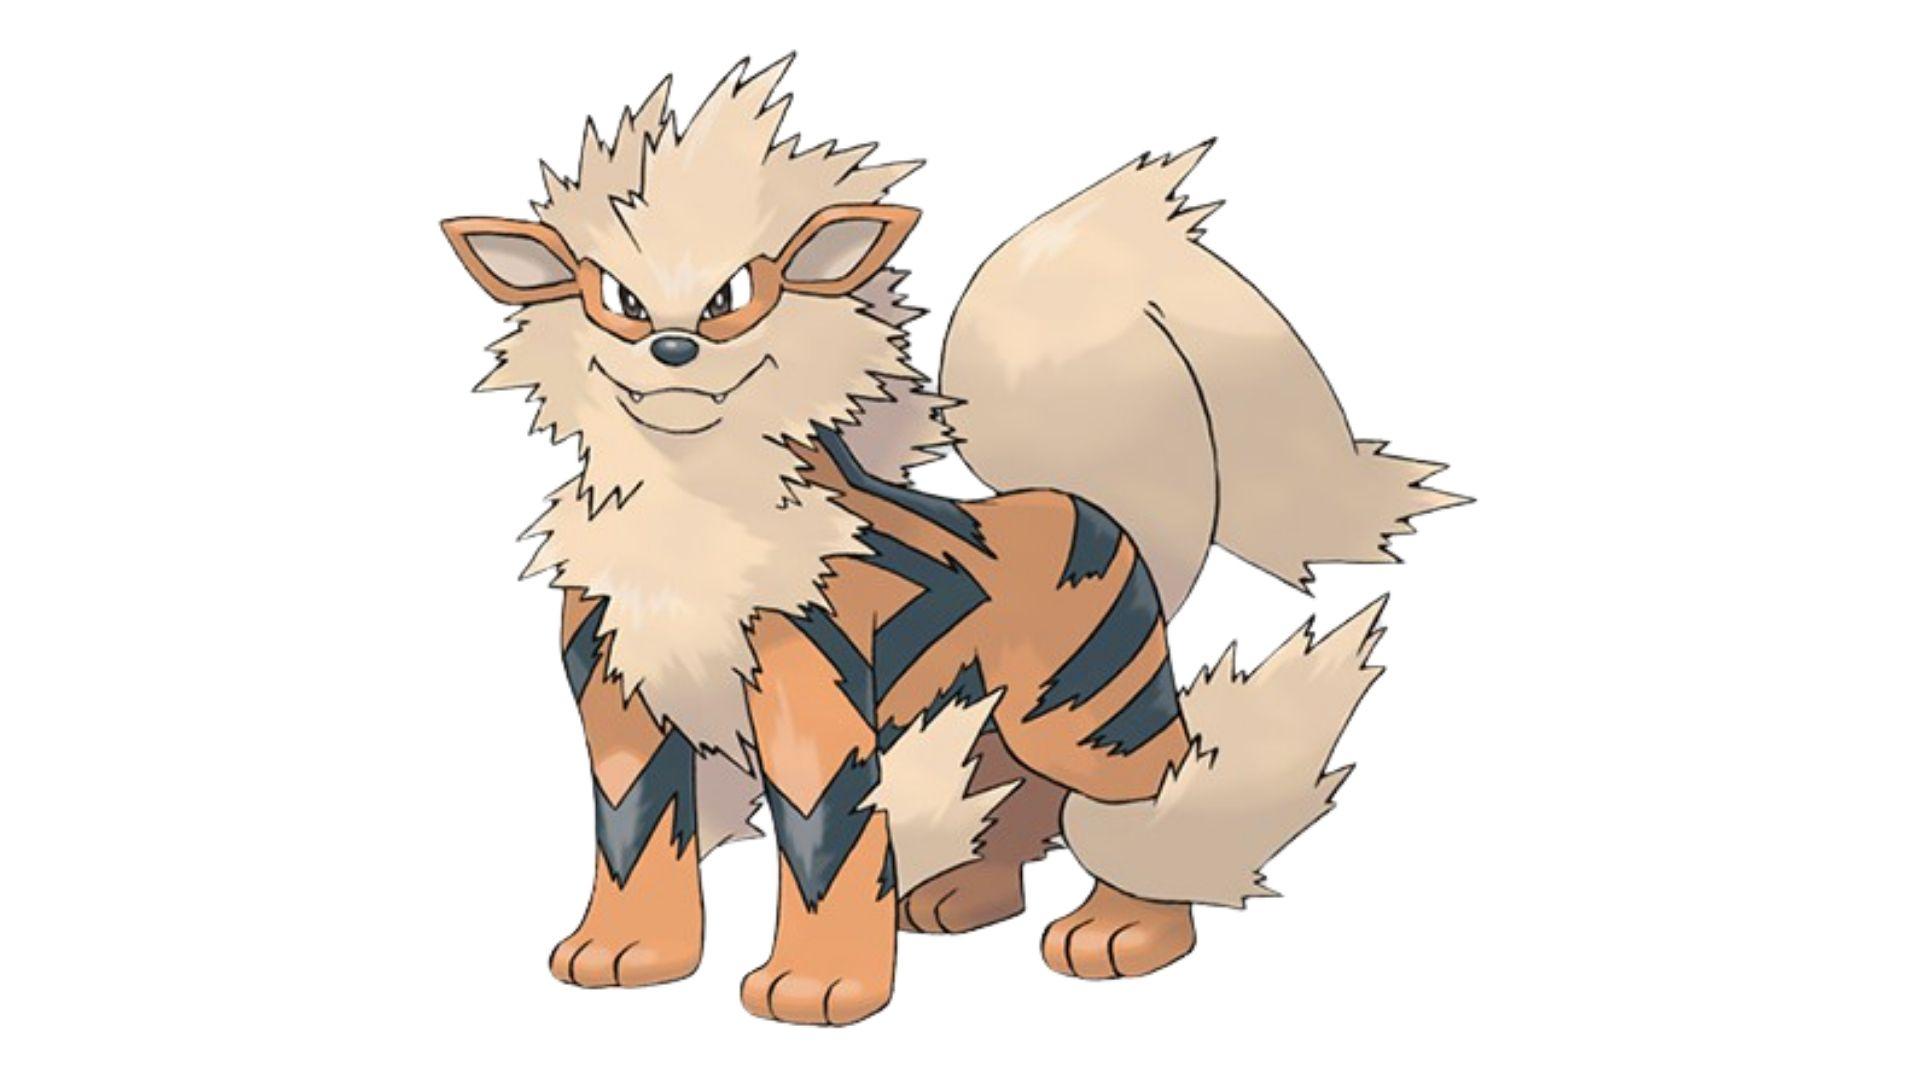 Quando se trata de ataque, o Arcanine é o pokémon mais forte de todos (Foto: Divulgação/Pokémon)